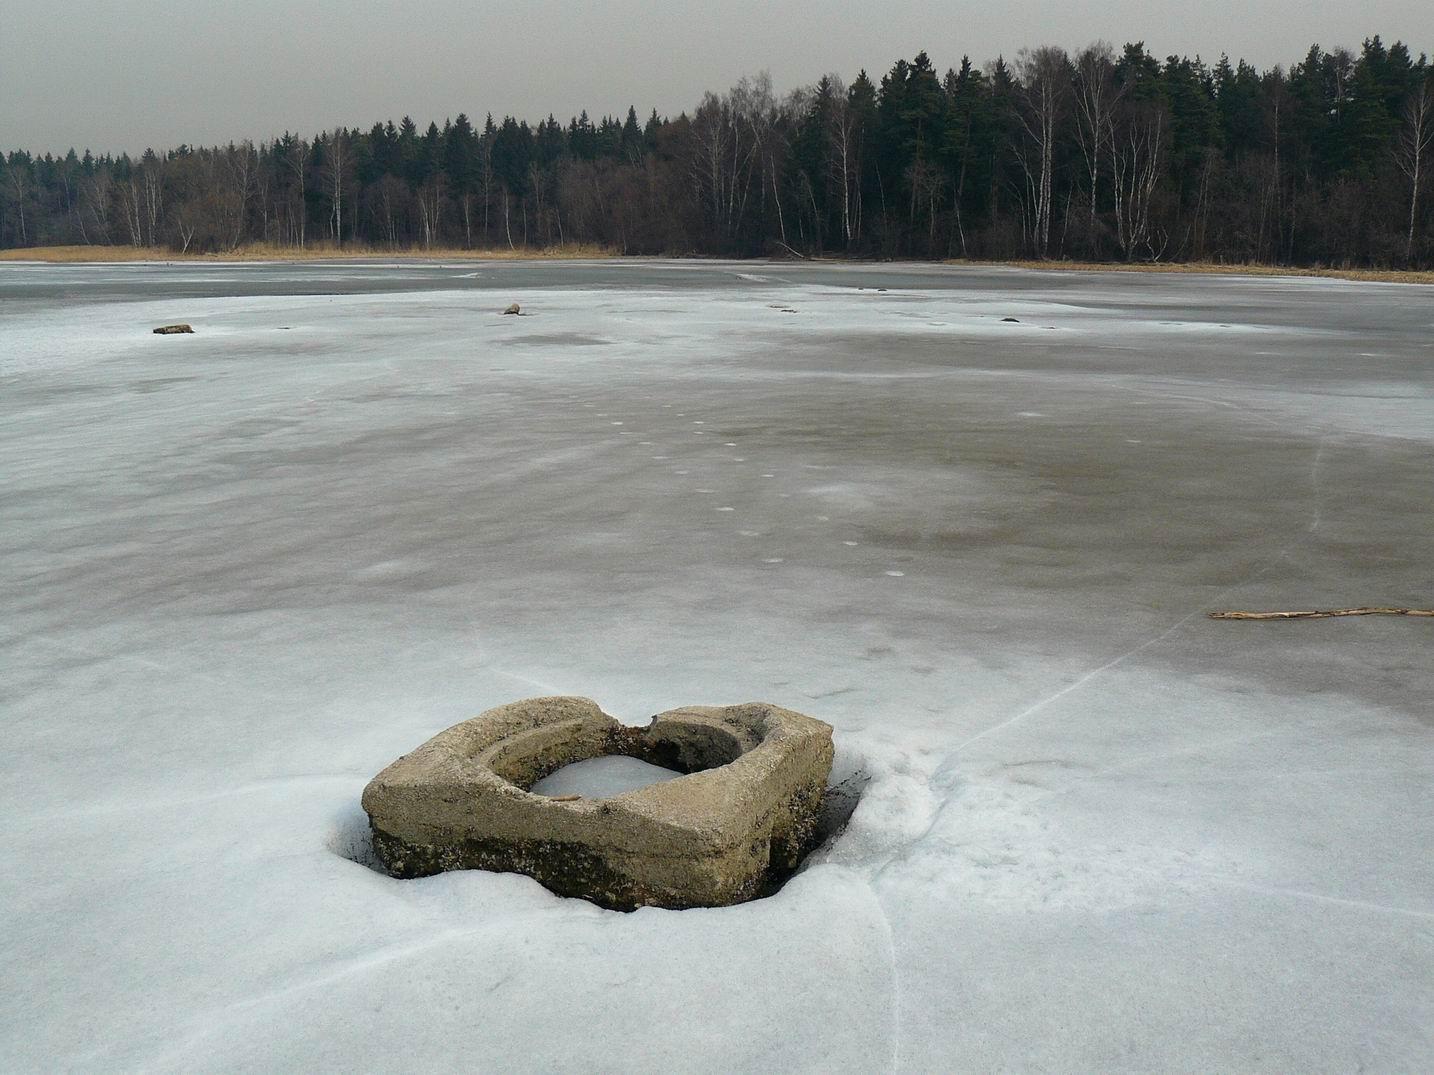 http://pics.livejournal.com/pushkino_2009/pic/000ab1g4